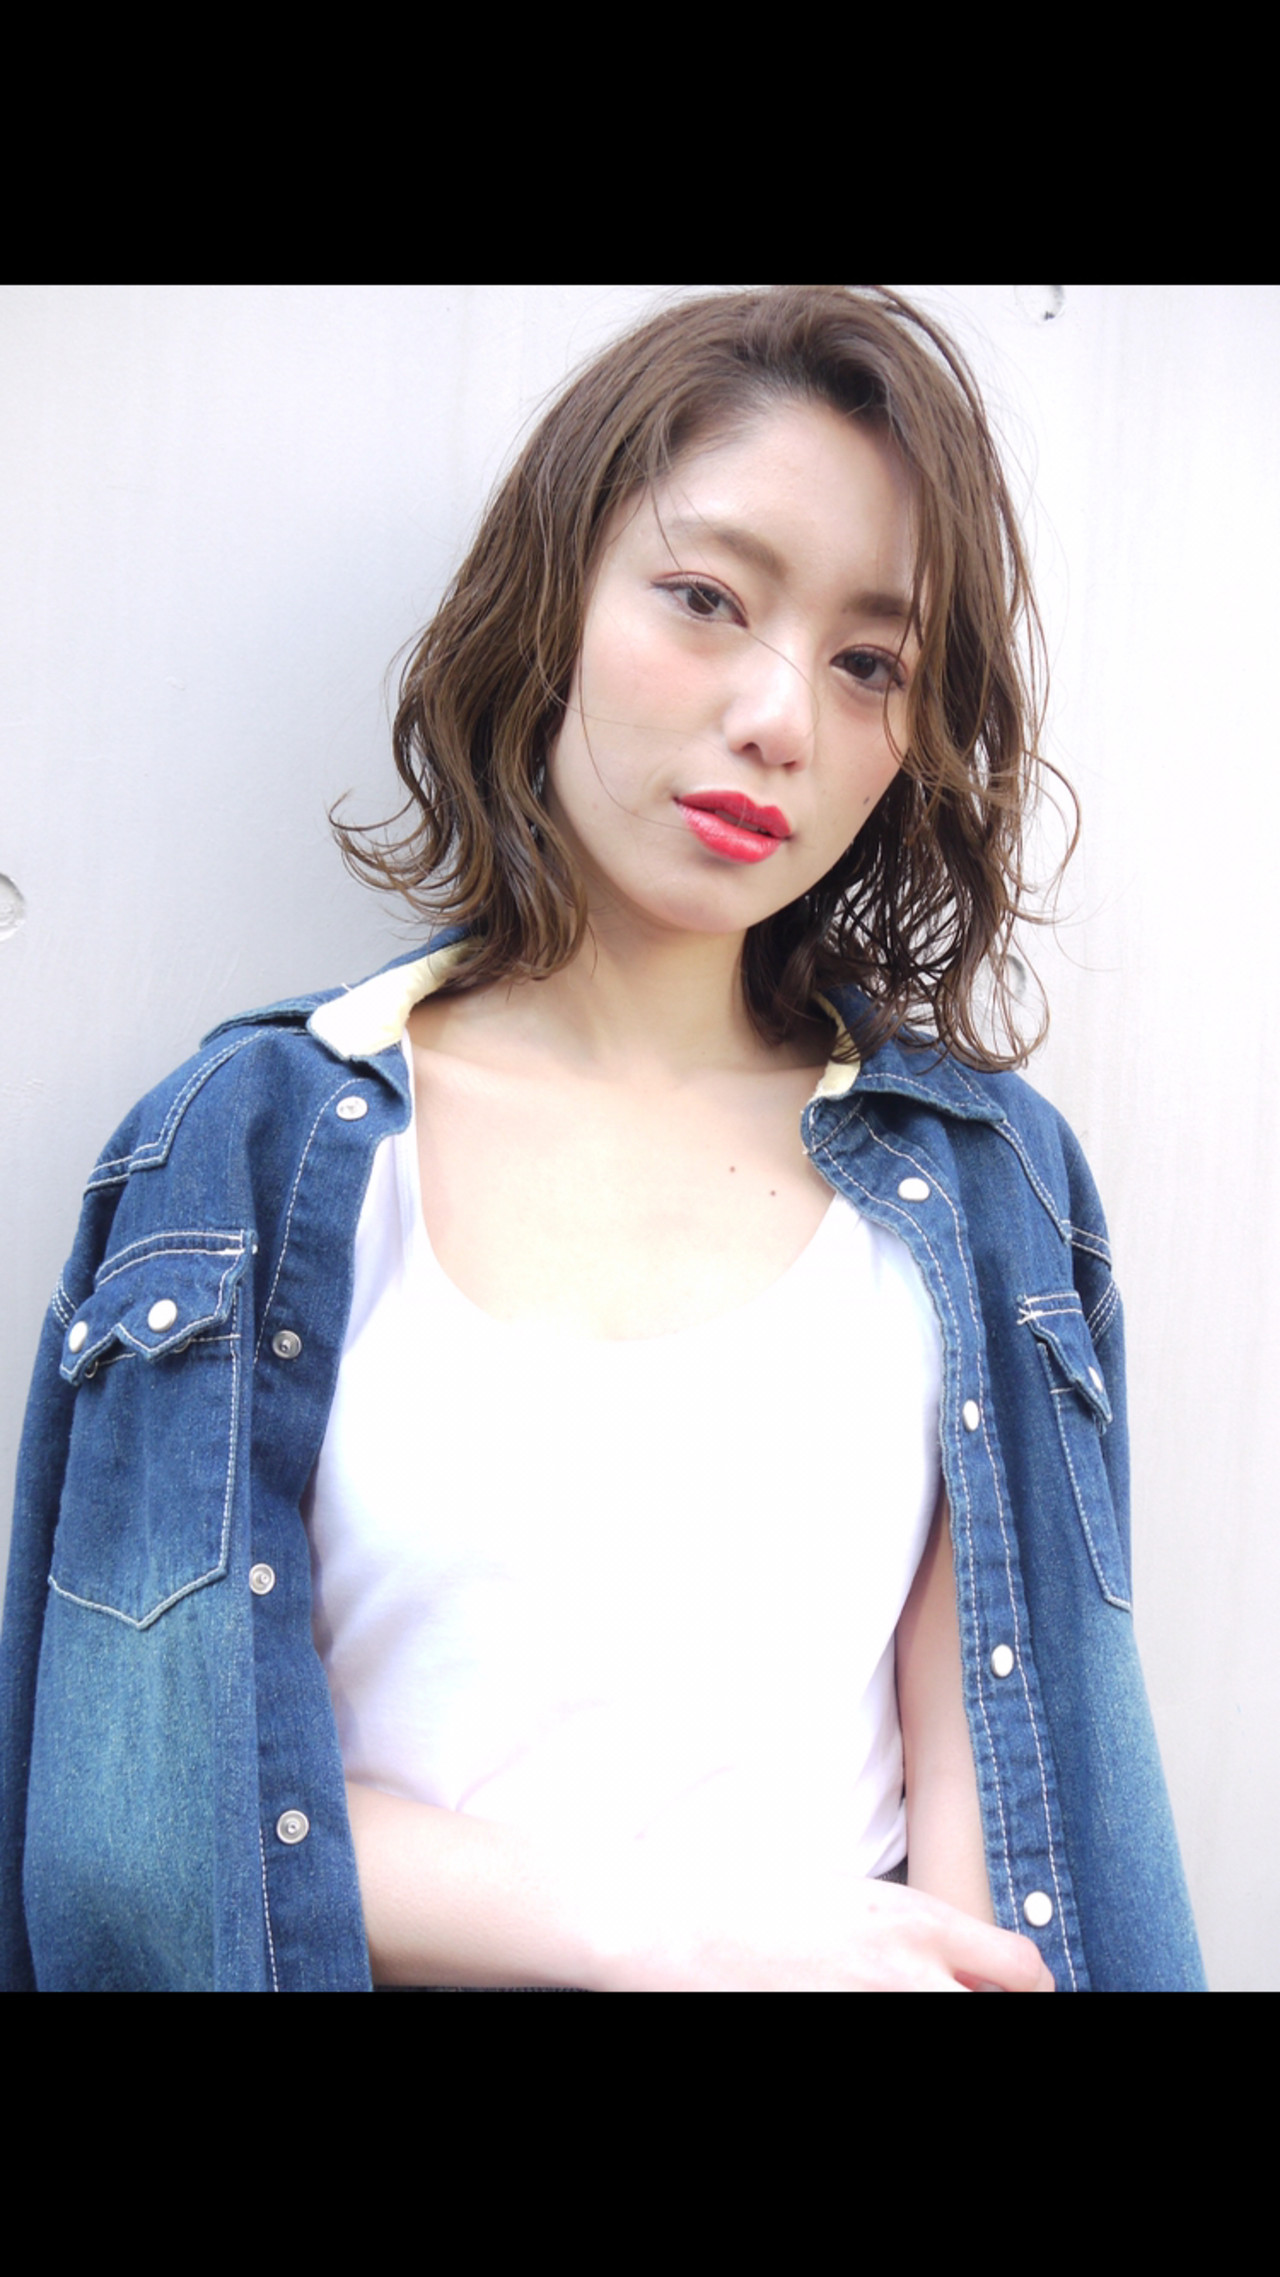 コンサバ ミディアム 大人かわいい アウトドア ヘアスタイルや髪型の写真・画像 | HIROKI / roijir / roijir